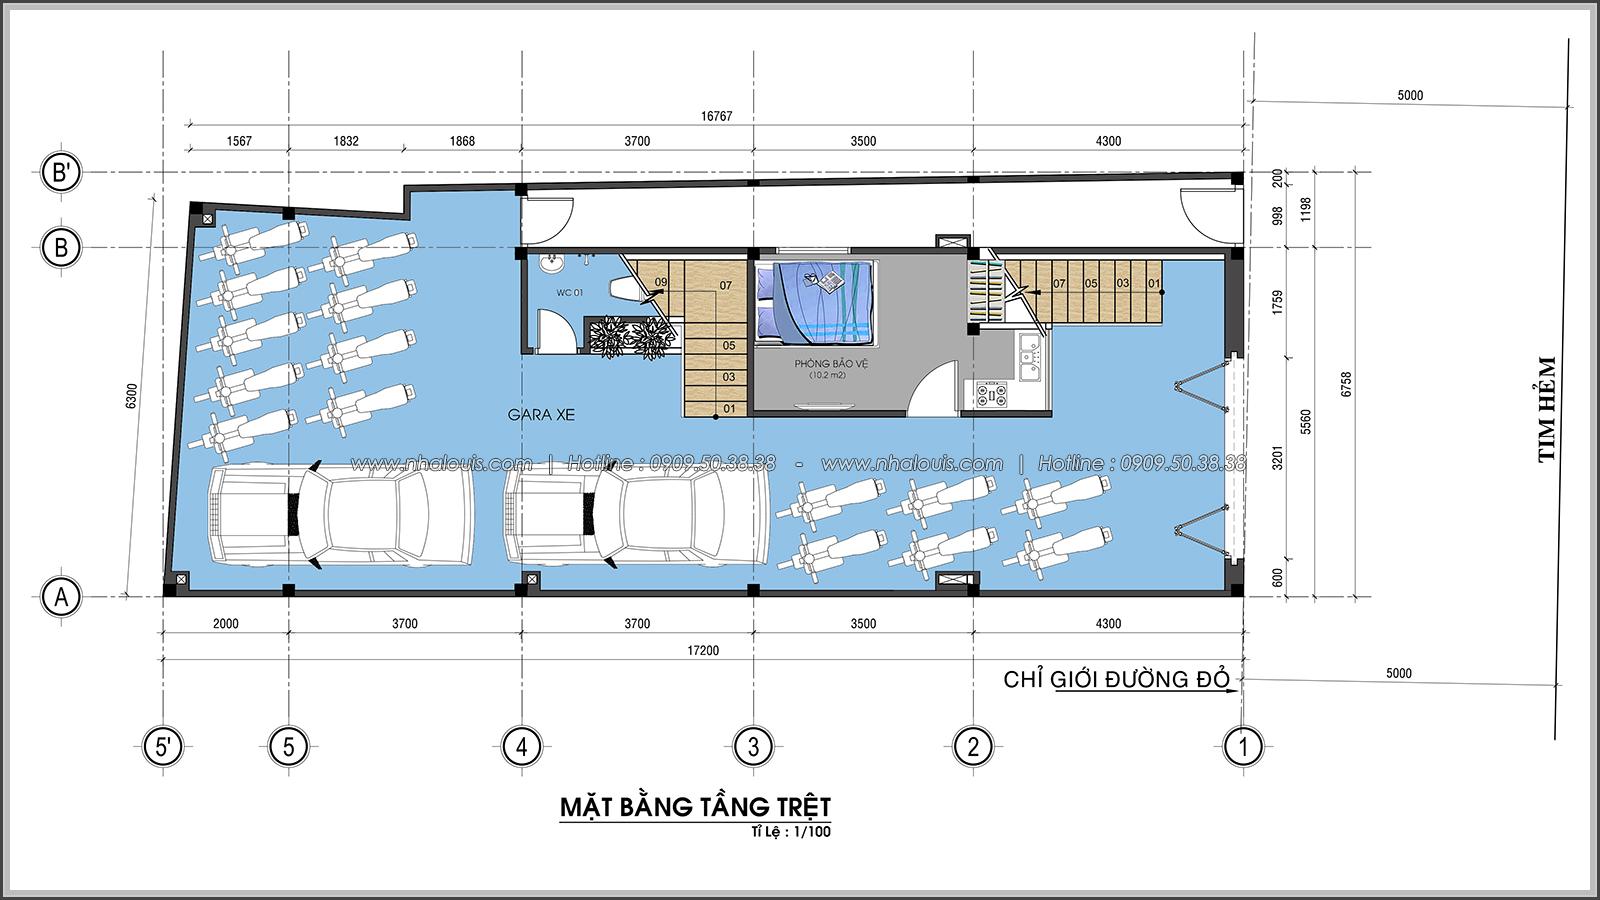 Thiết kế nhà trọ cho thuê cao cấp tiết kiệm chi phí và hiệu quả tại Tân Bình - 04